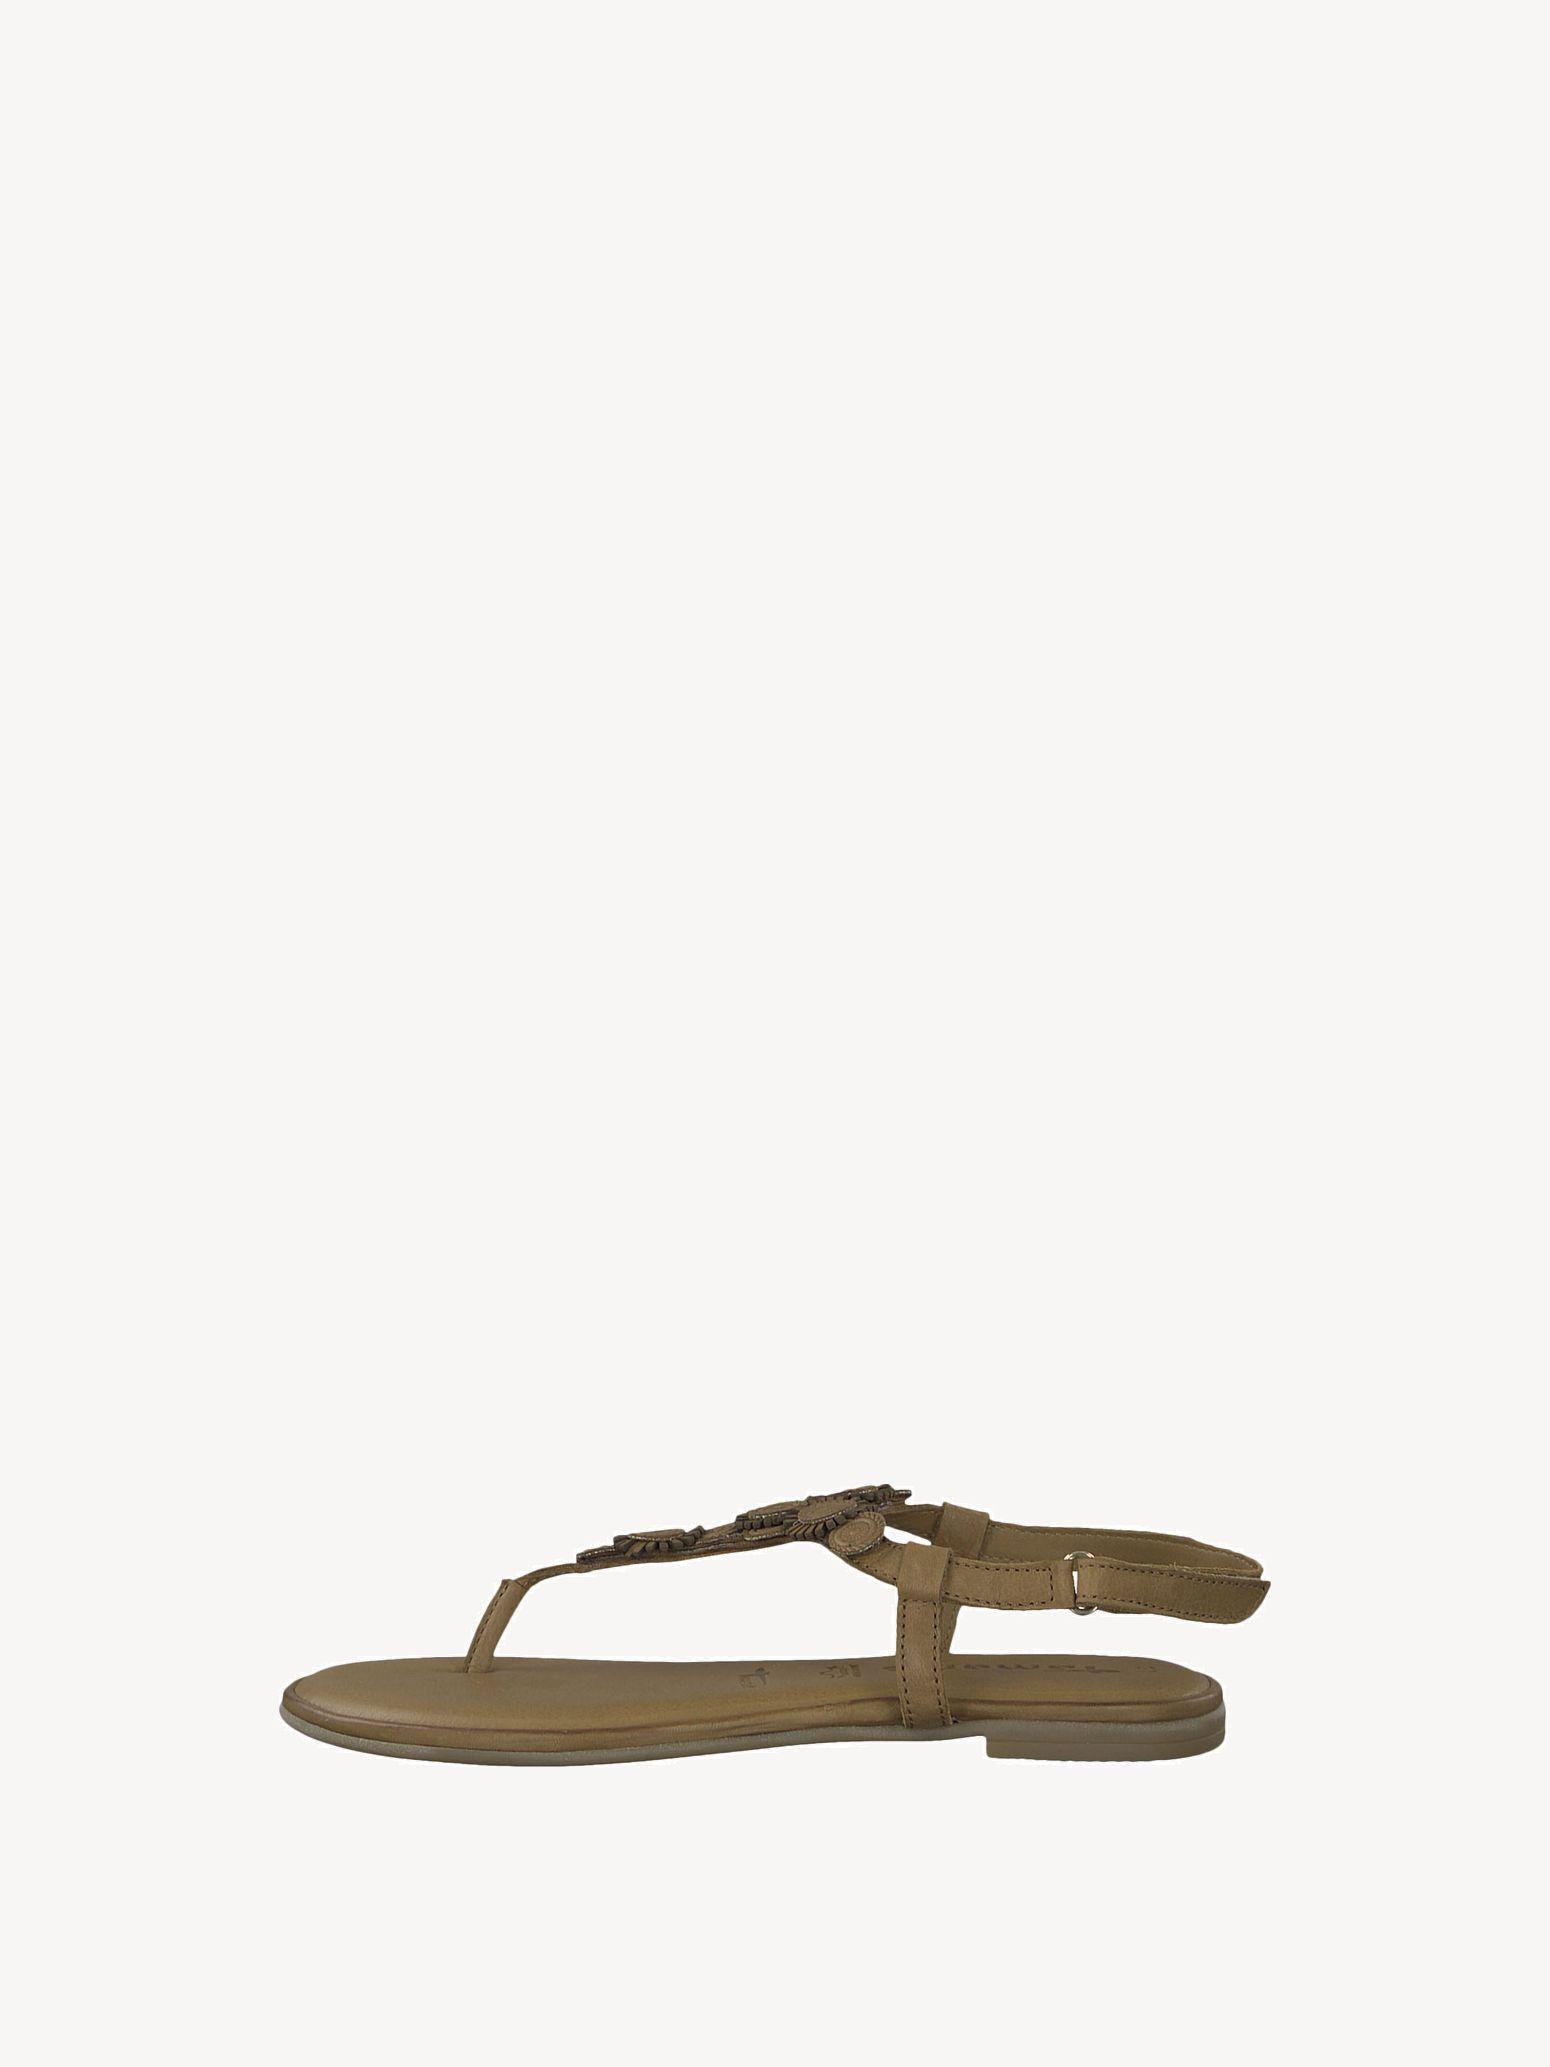 Les Sandales Maintenant Achetez Tamaris De y8nmN0Ovw